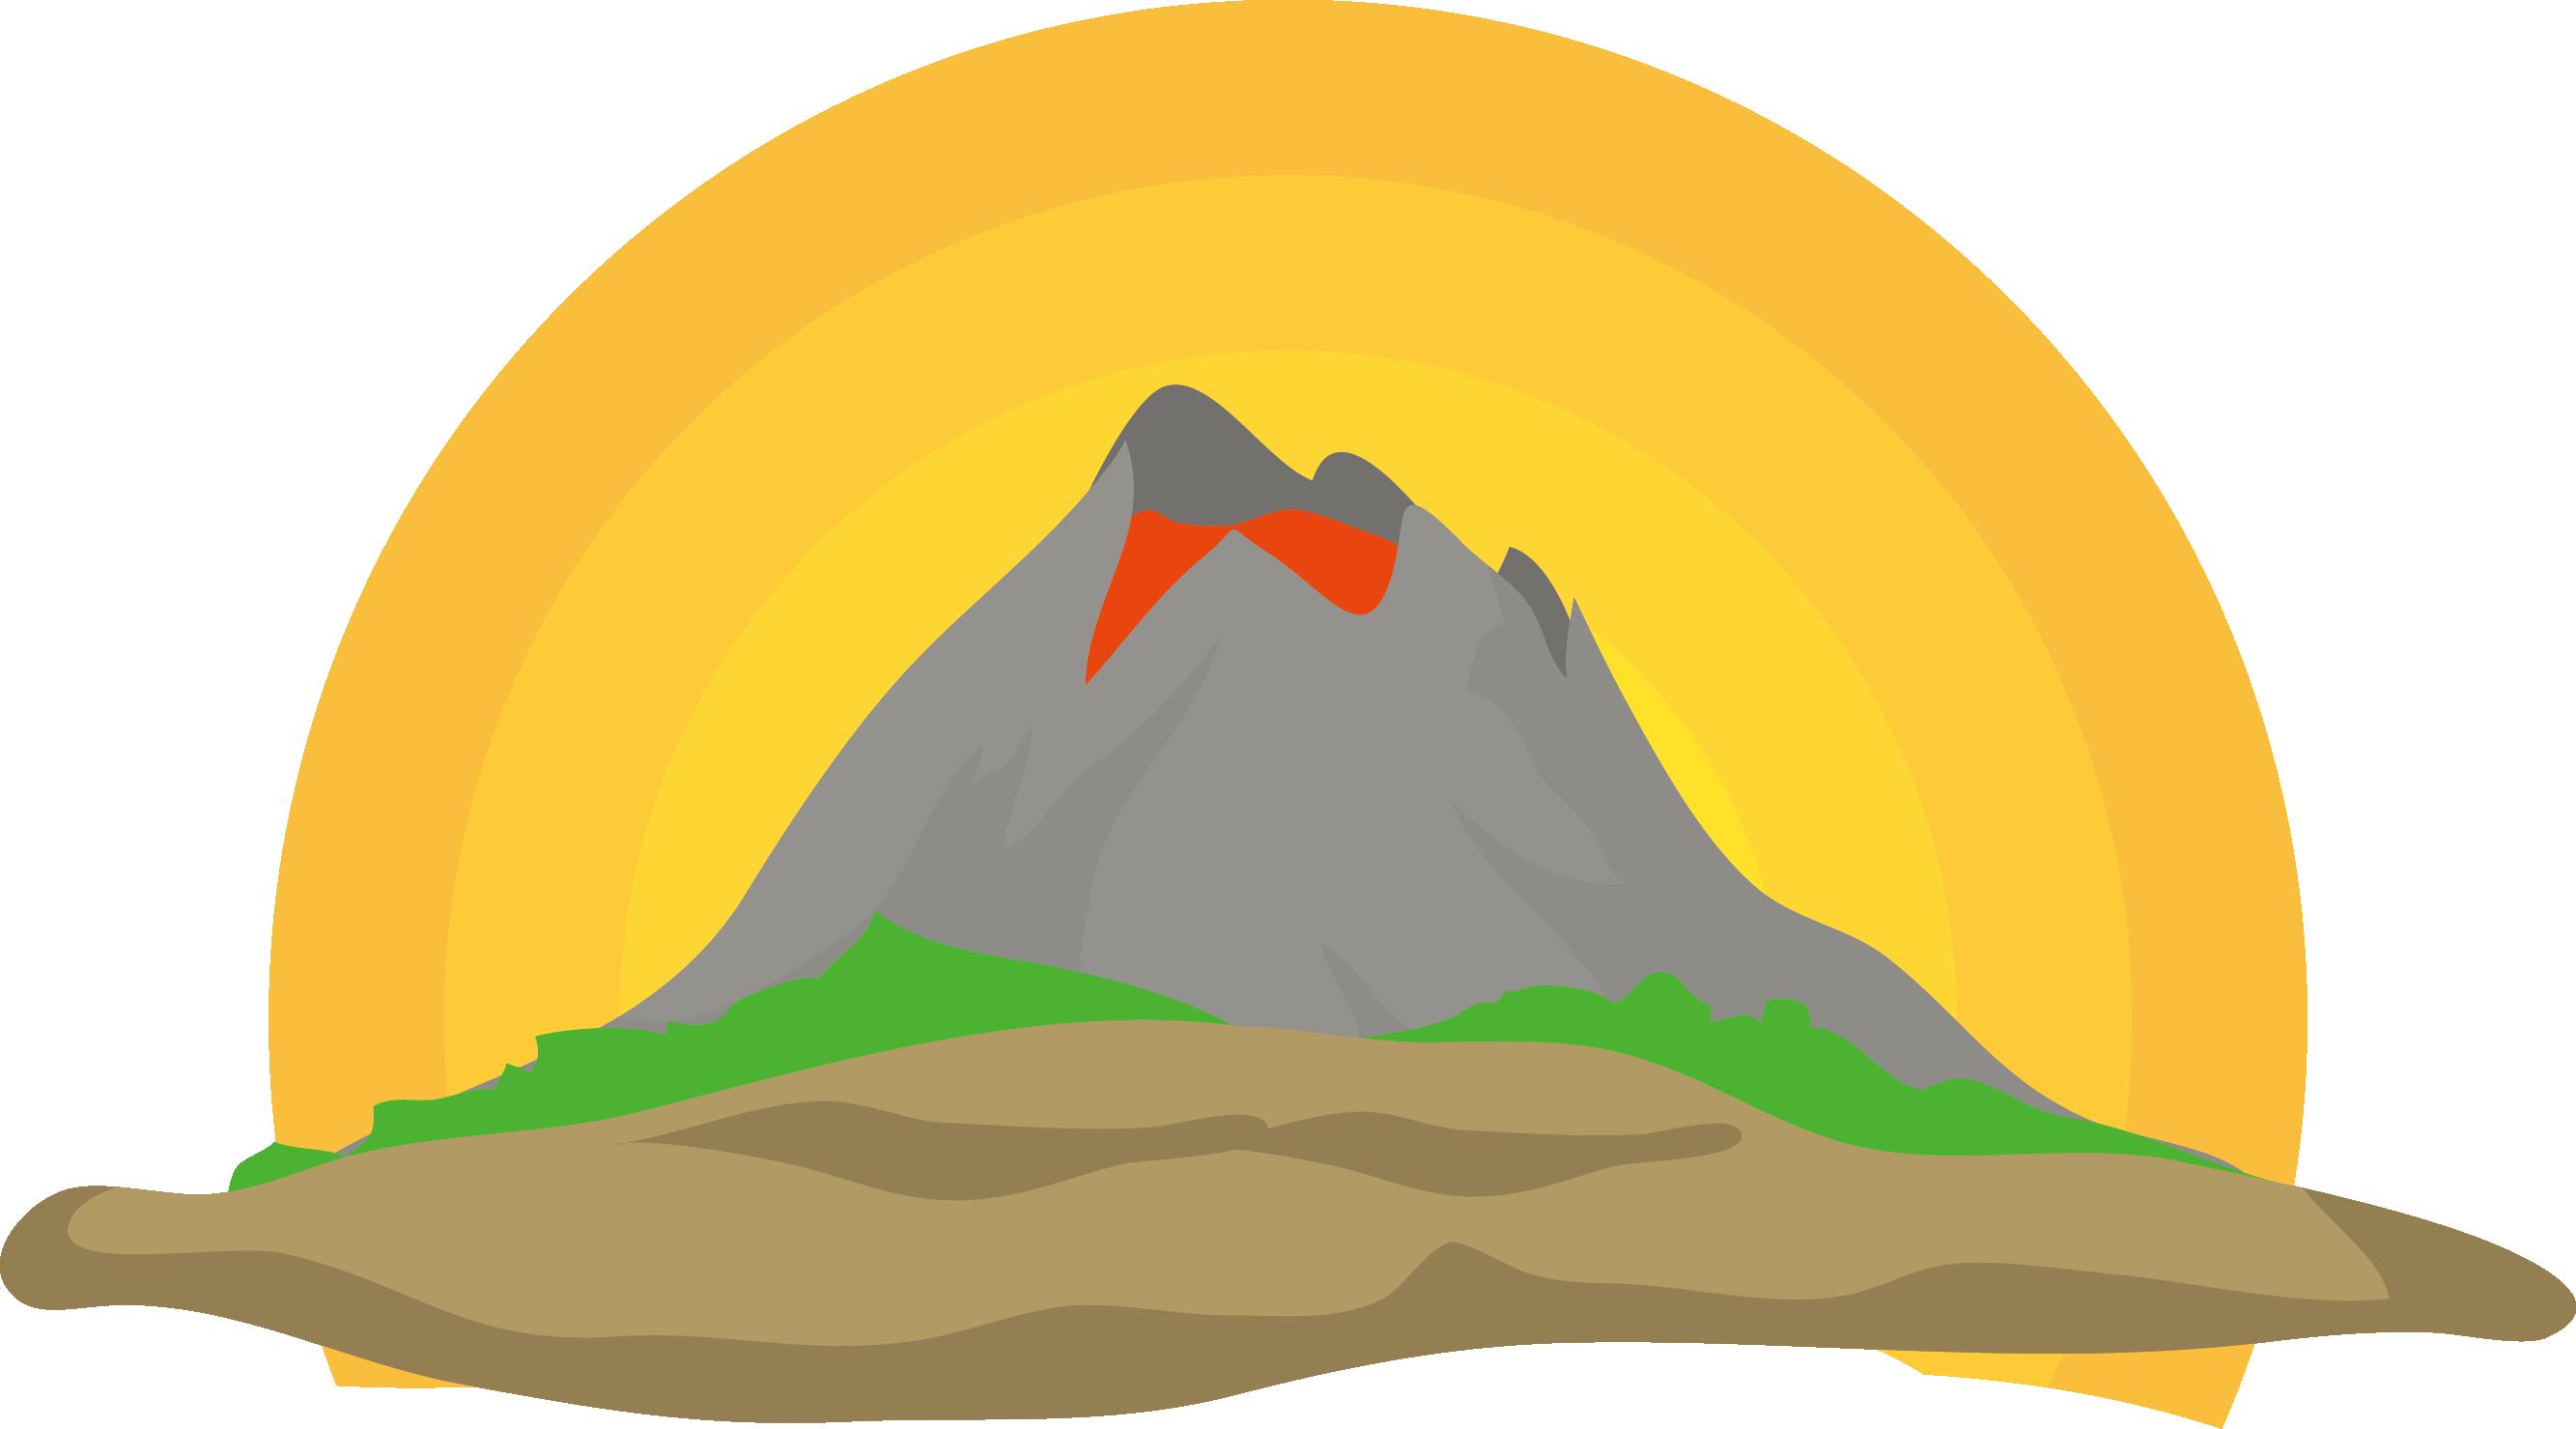 Mountain clipart volcano. Euclidean vector clip art